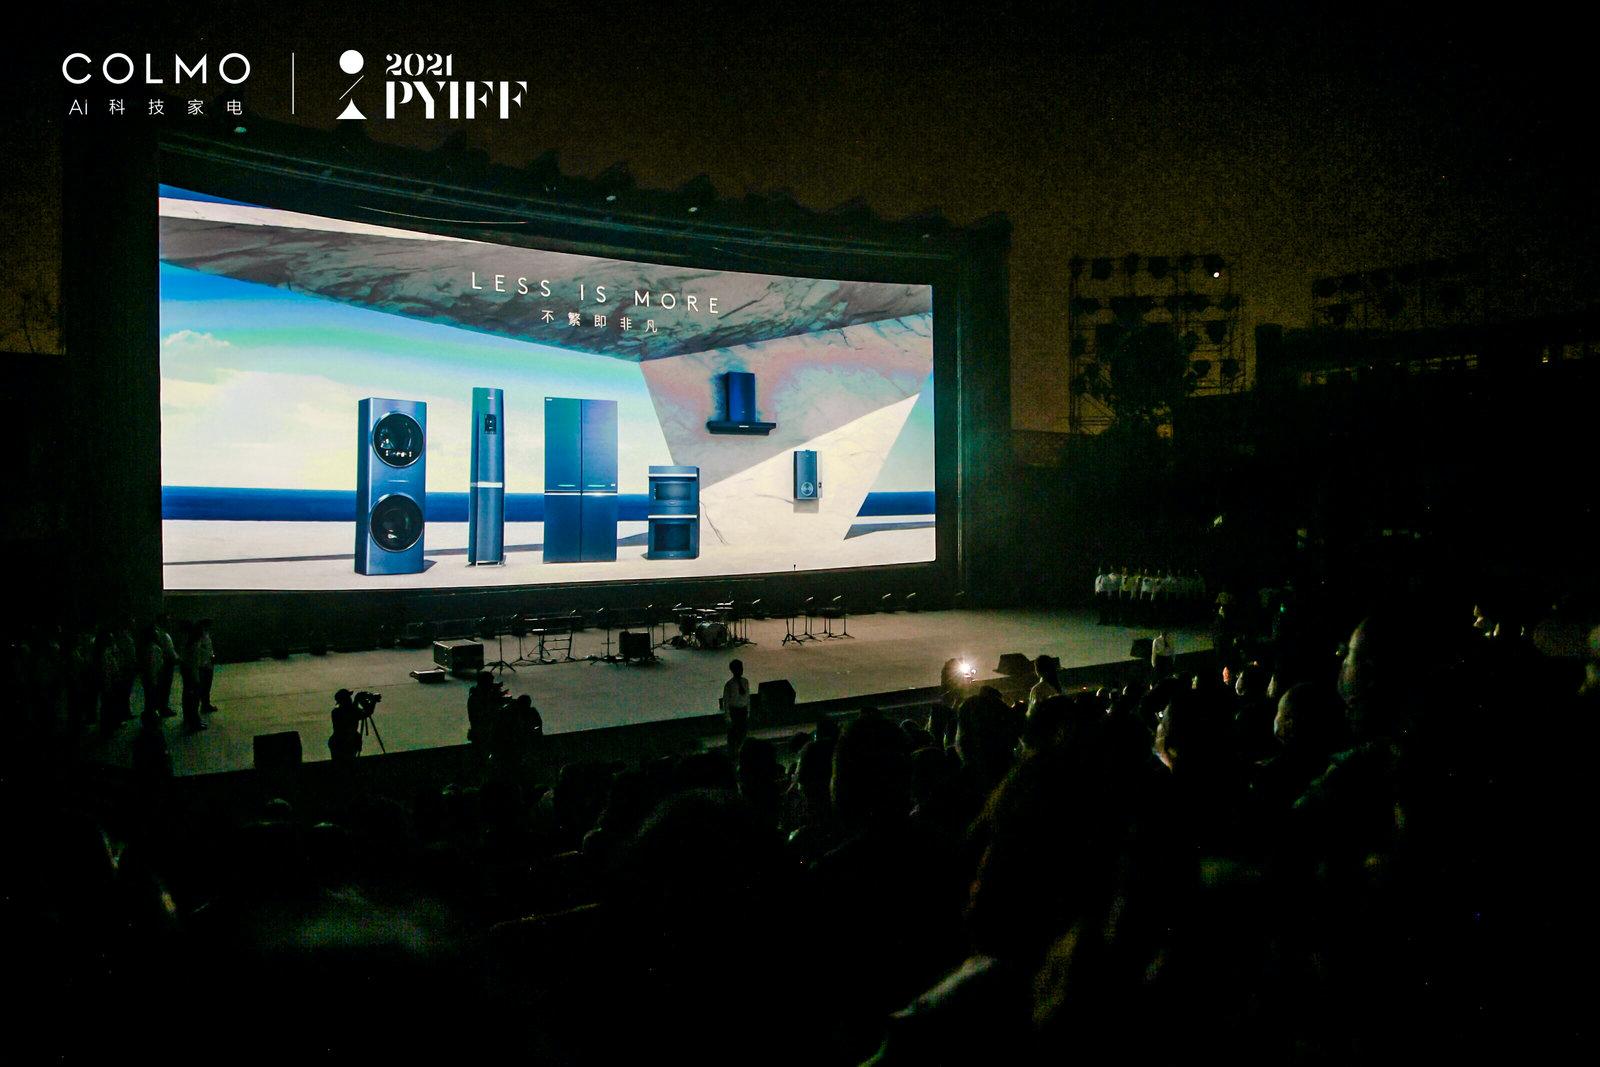 《【摩登3电脑版登录】COLMO助力平遥国际电影展,探索理享生活新动力》